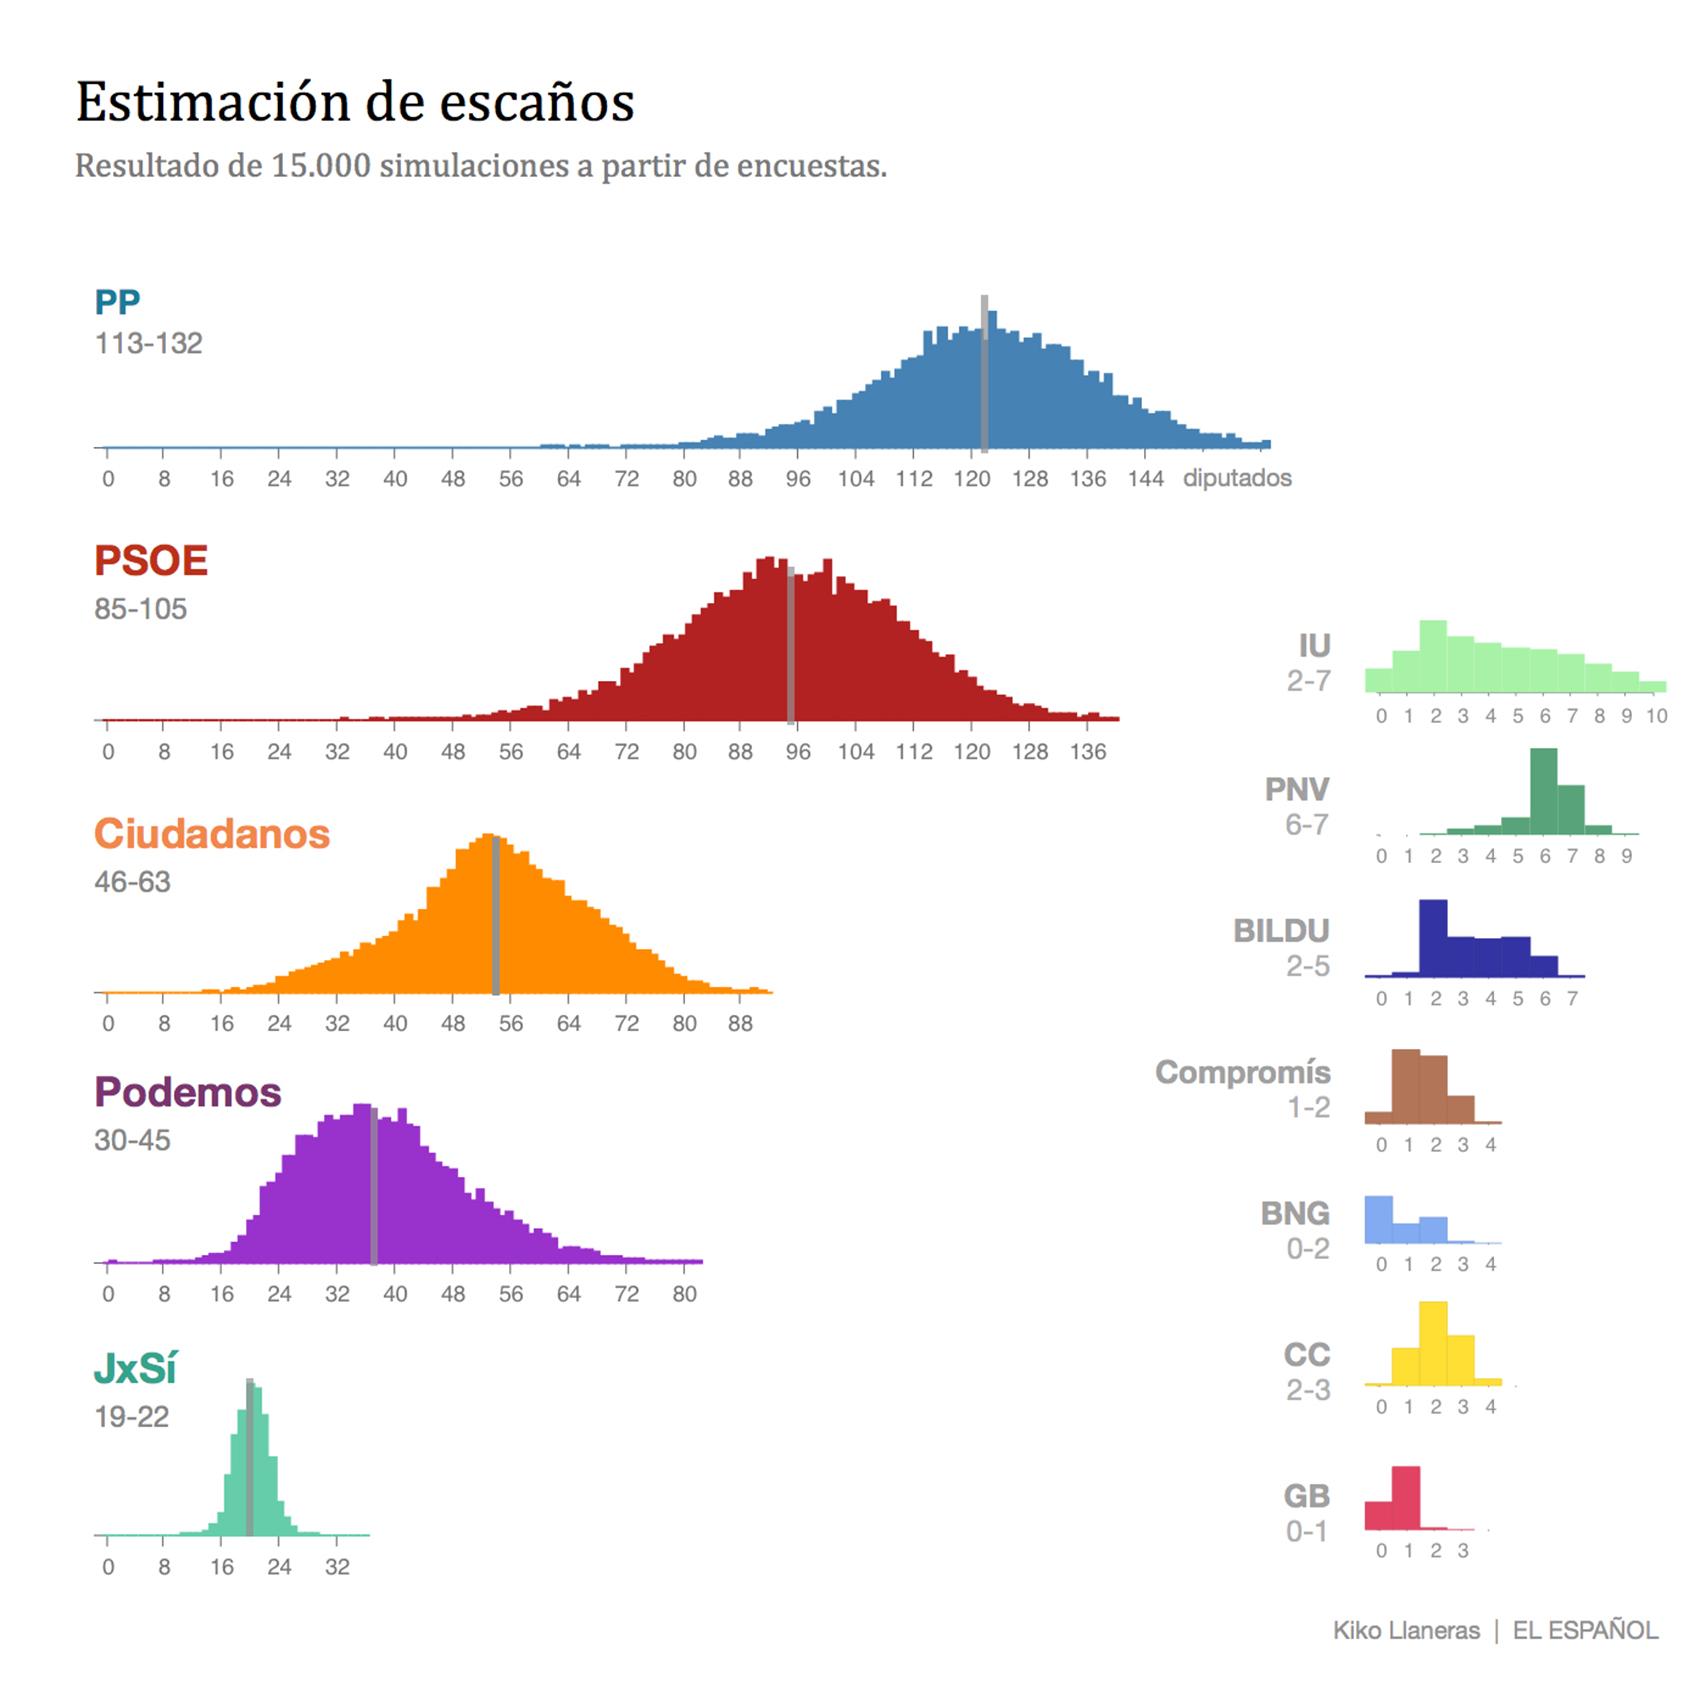 Resultados del modelo de estimación